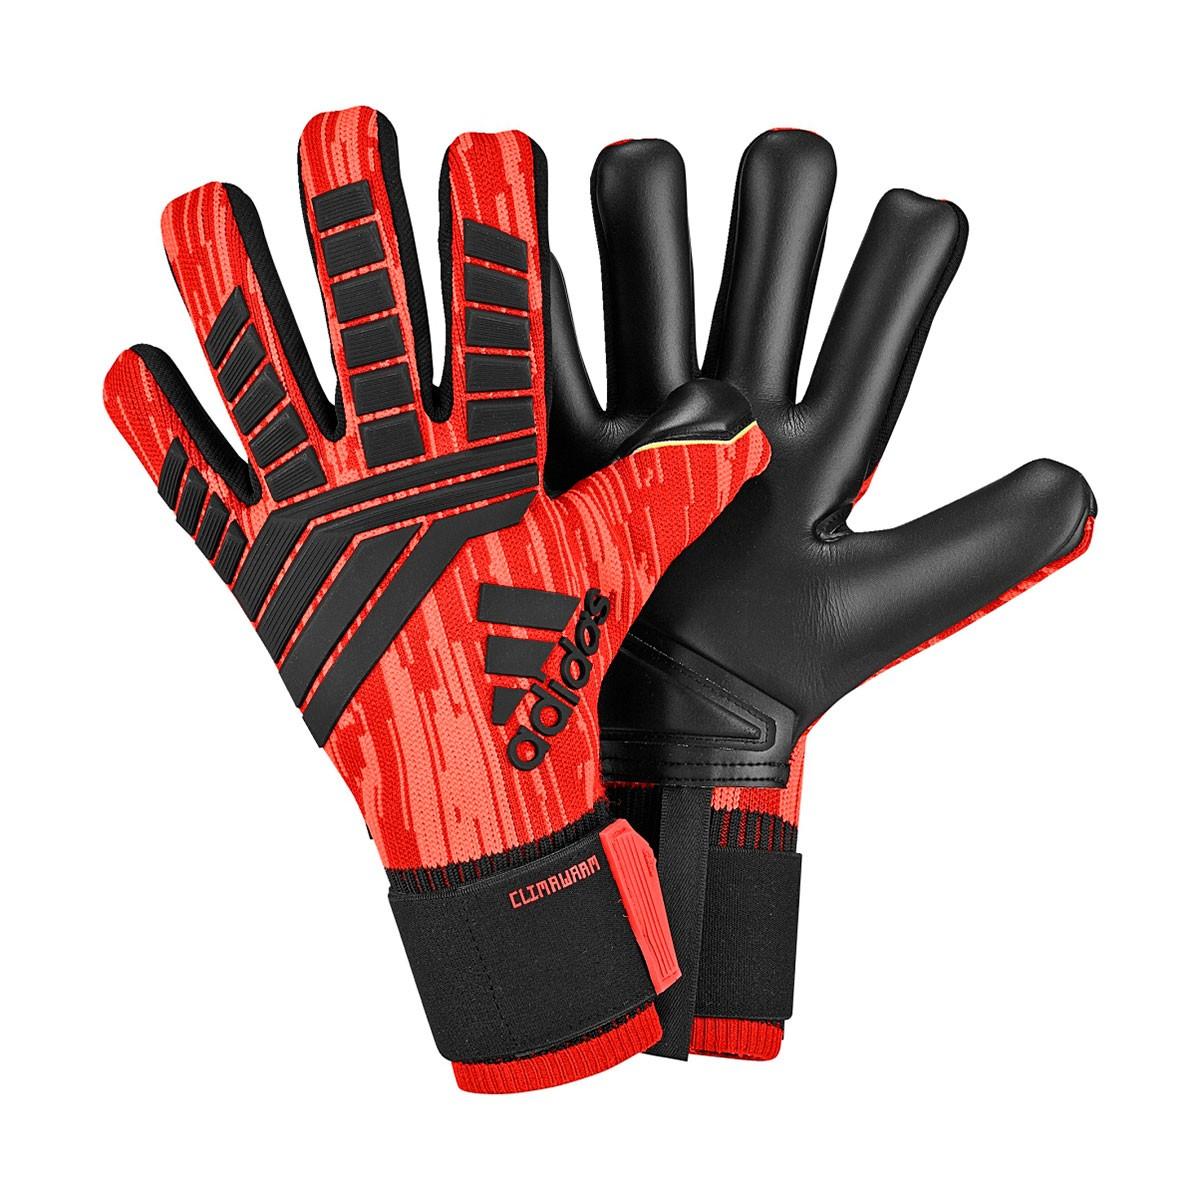 Guante de portero adidas Predator Clima Warm Real coral-Black-Red ... f555cf6a06a14